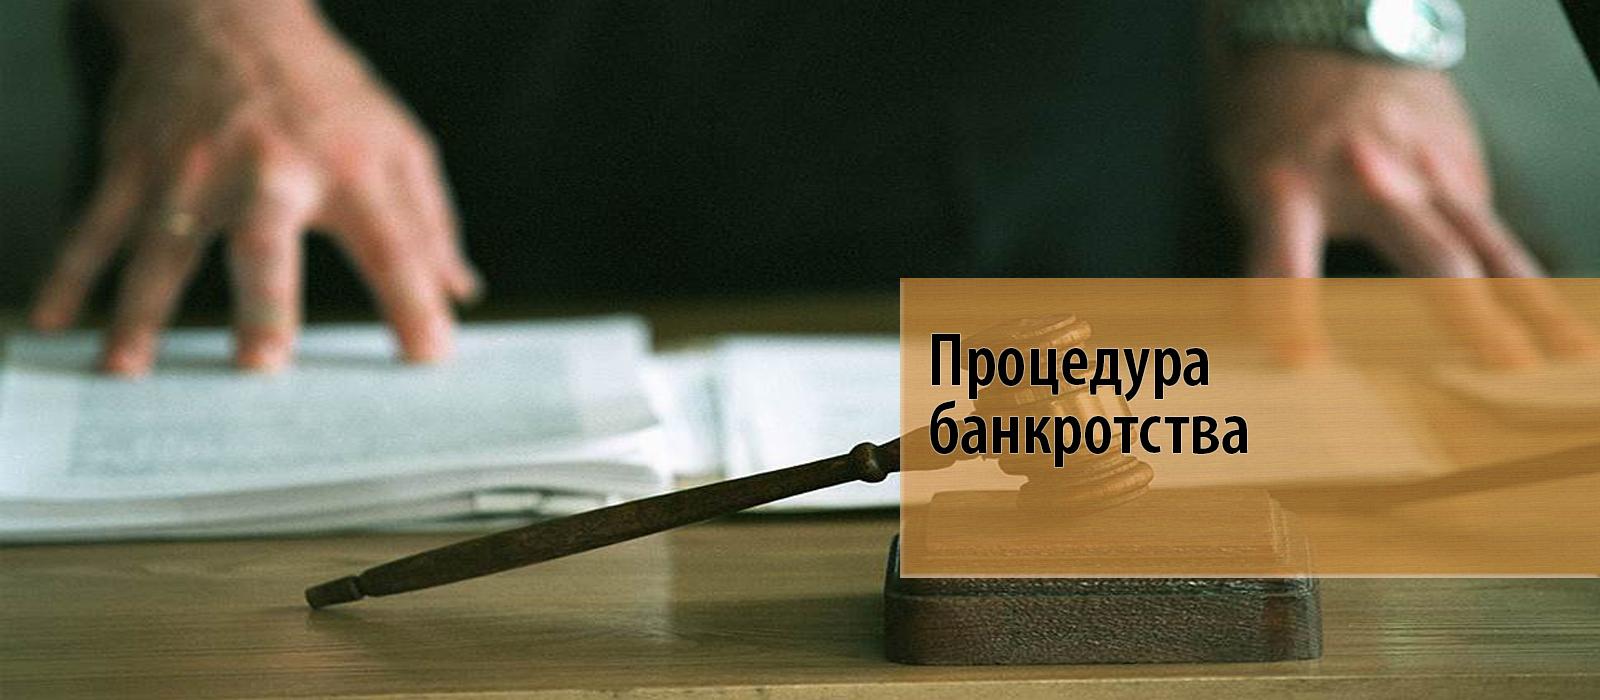 Помощь в оформлении процедуры банкротства от адвокатской компании «Правовые решения»